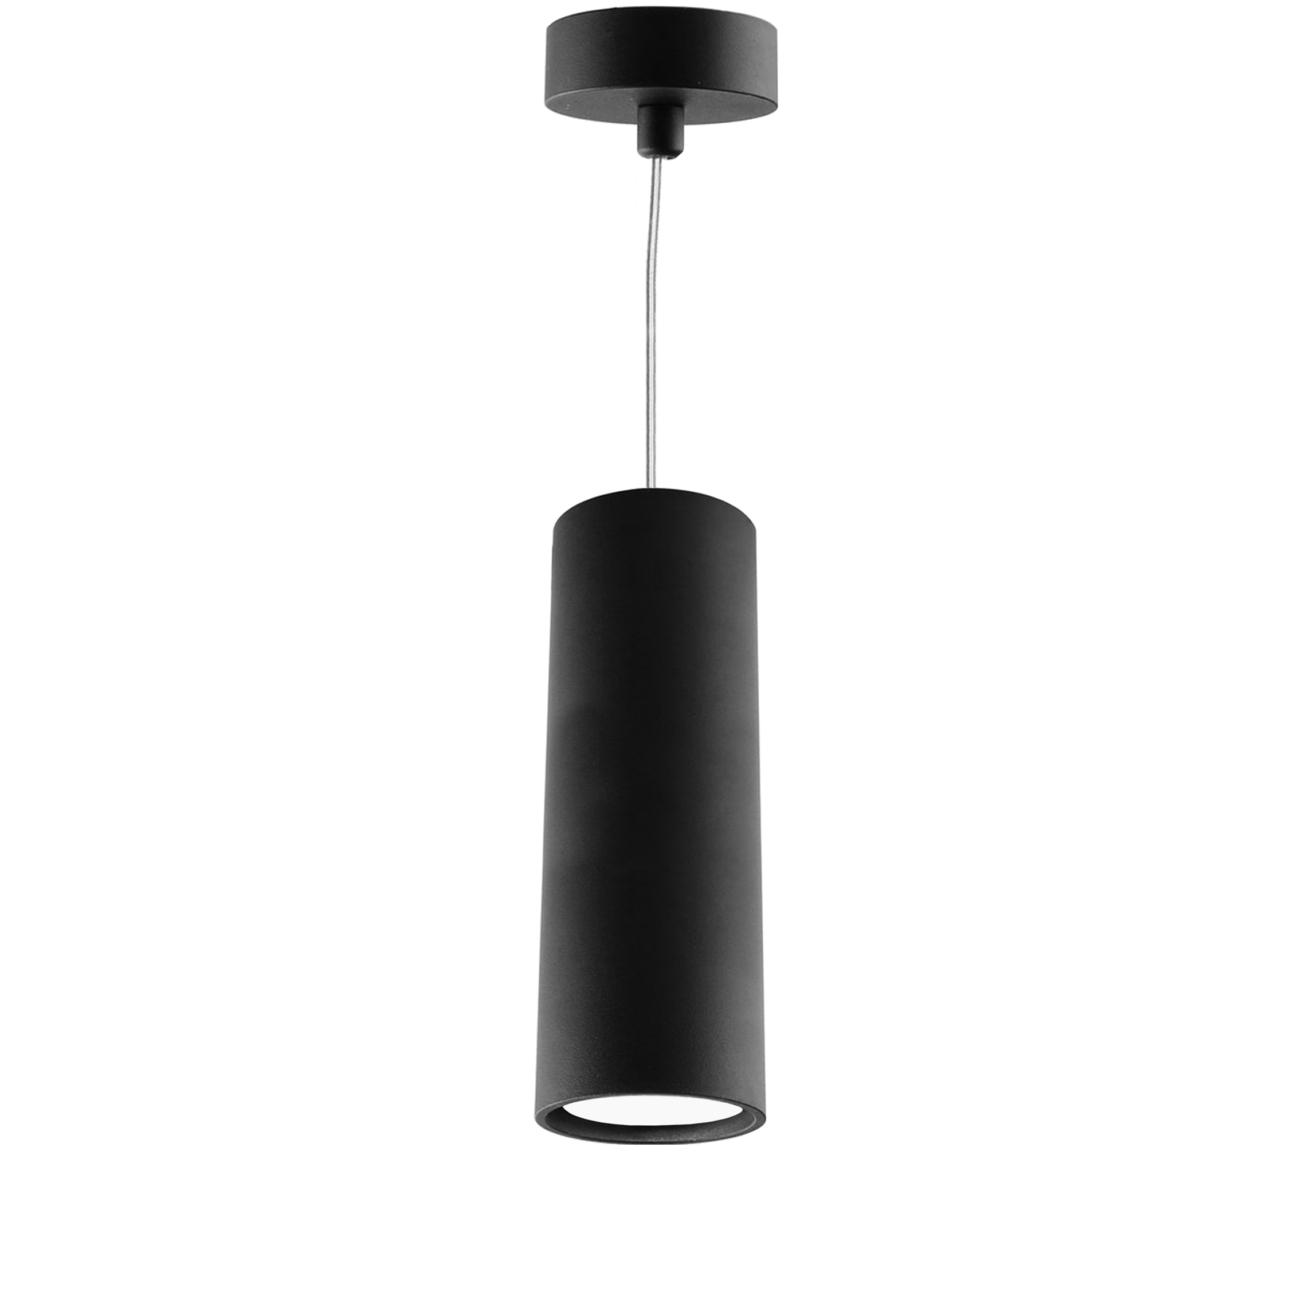 Светильник Stick 80-400мм. 4000К/3000К. 11W купить во Владивостоке